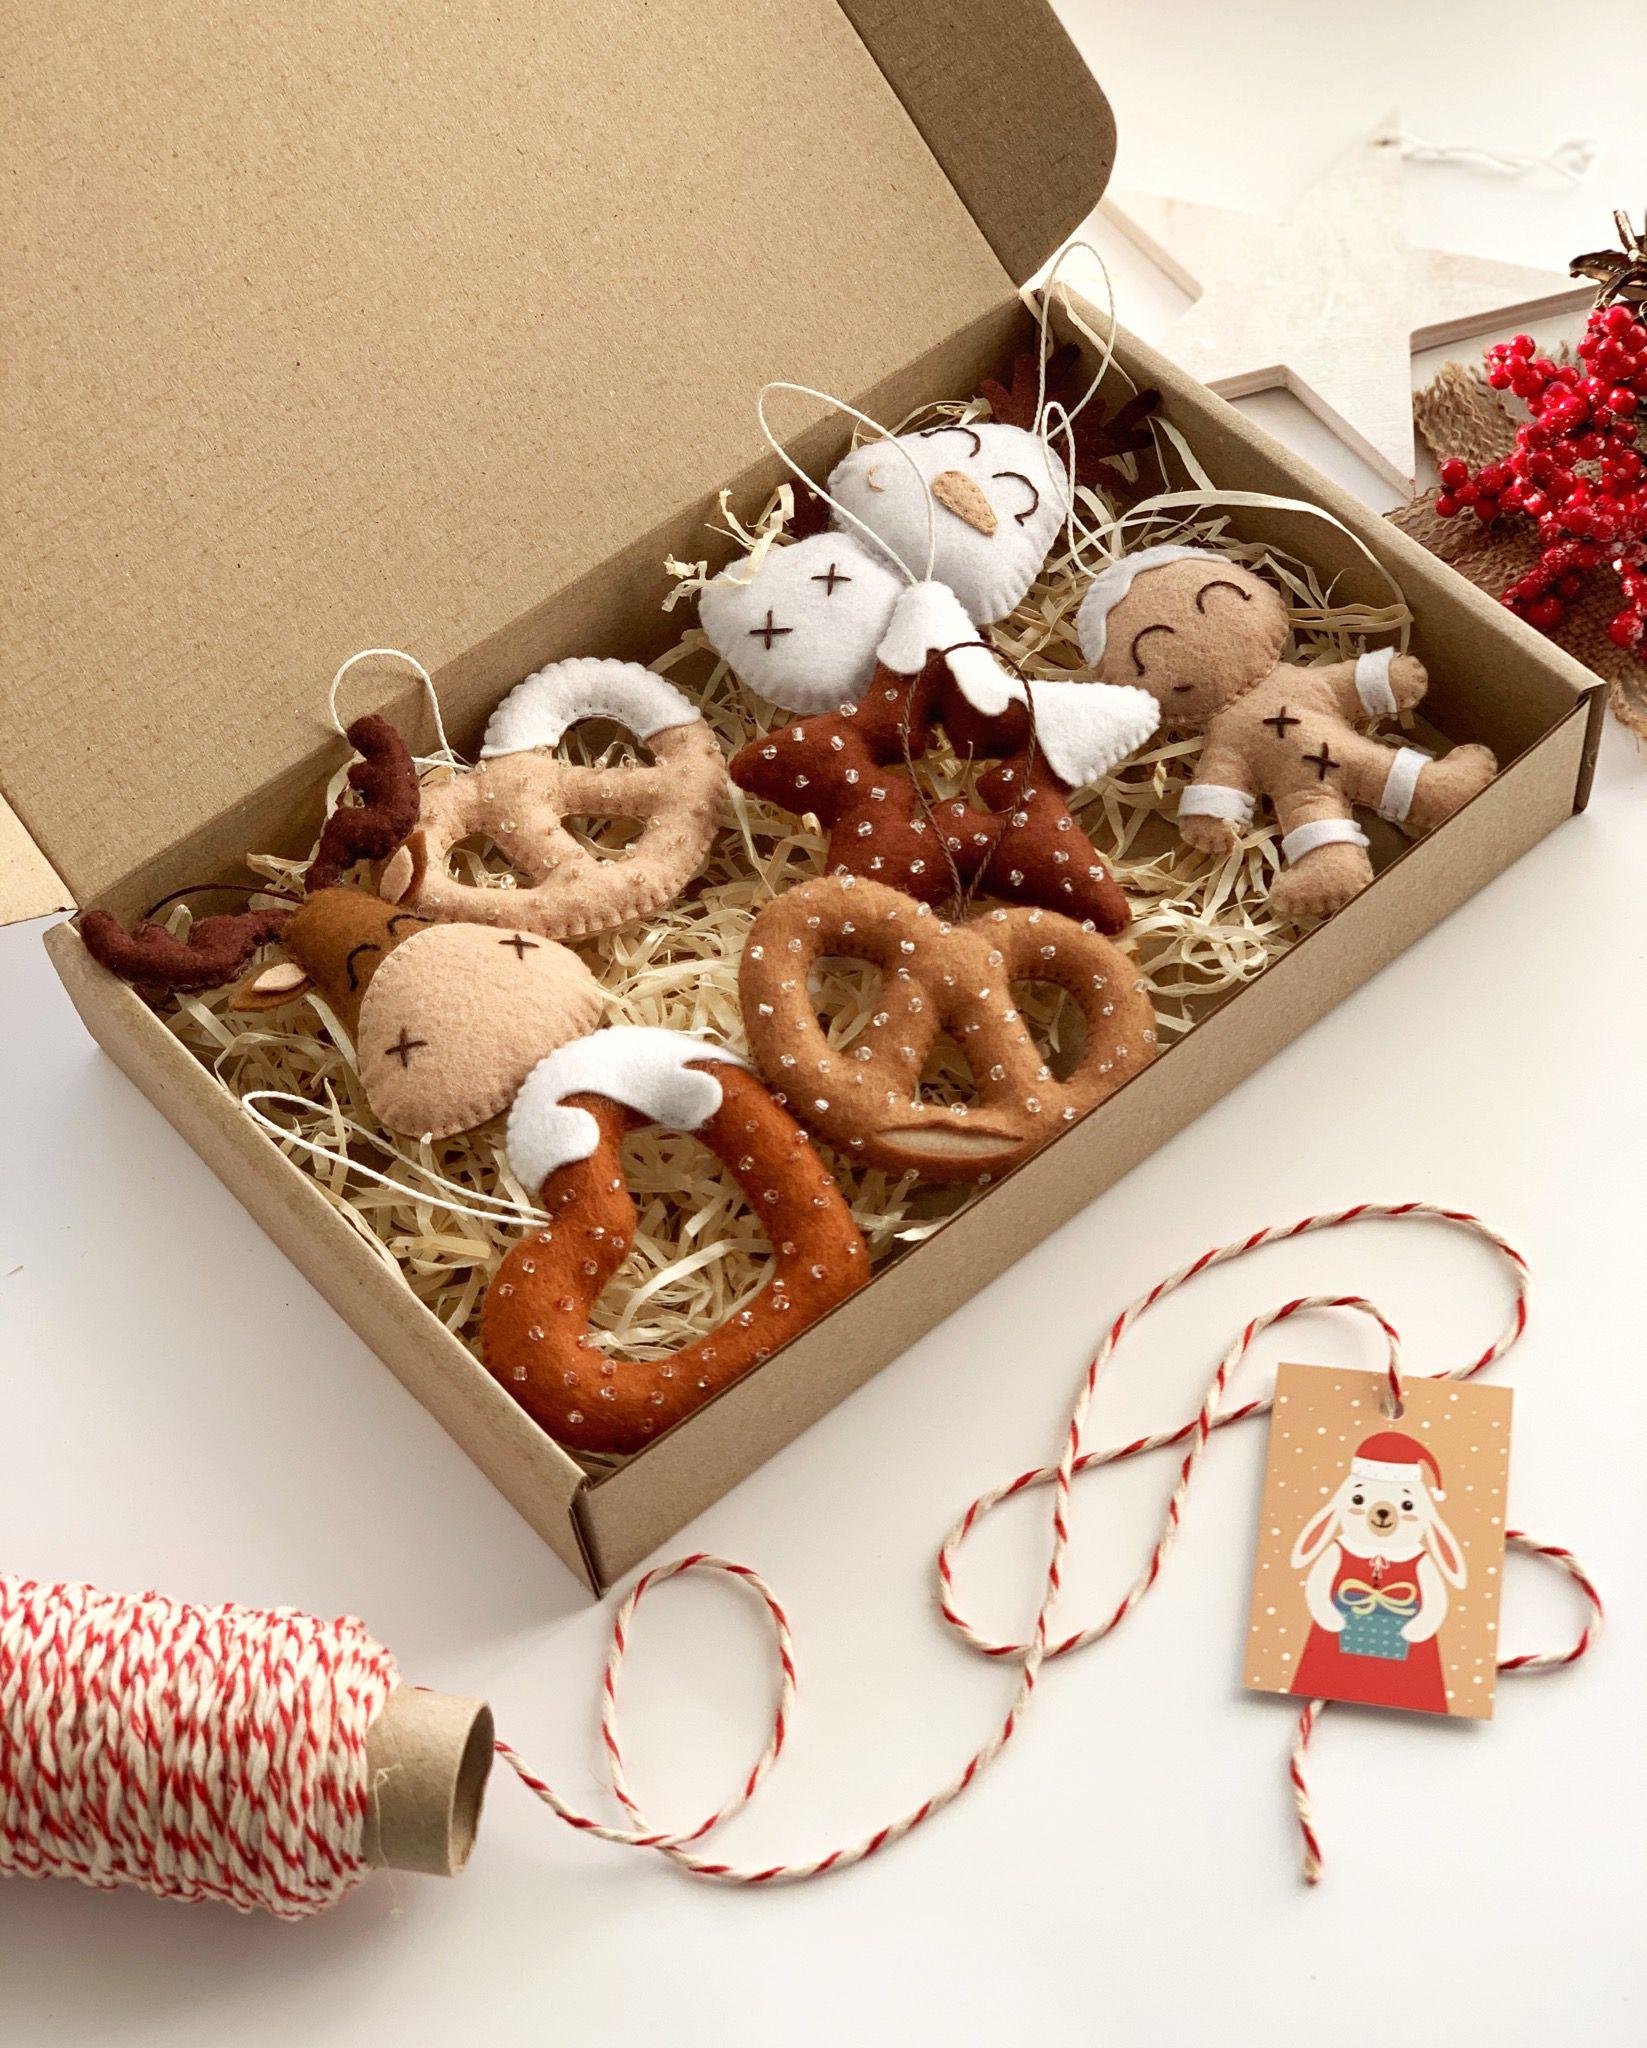 Shop My Sale 20 Off Etsysale Etsygifts Christmasornaments In 2020 Christmas Gifts Etsy Sales Christmas Decorations